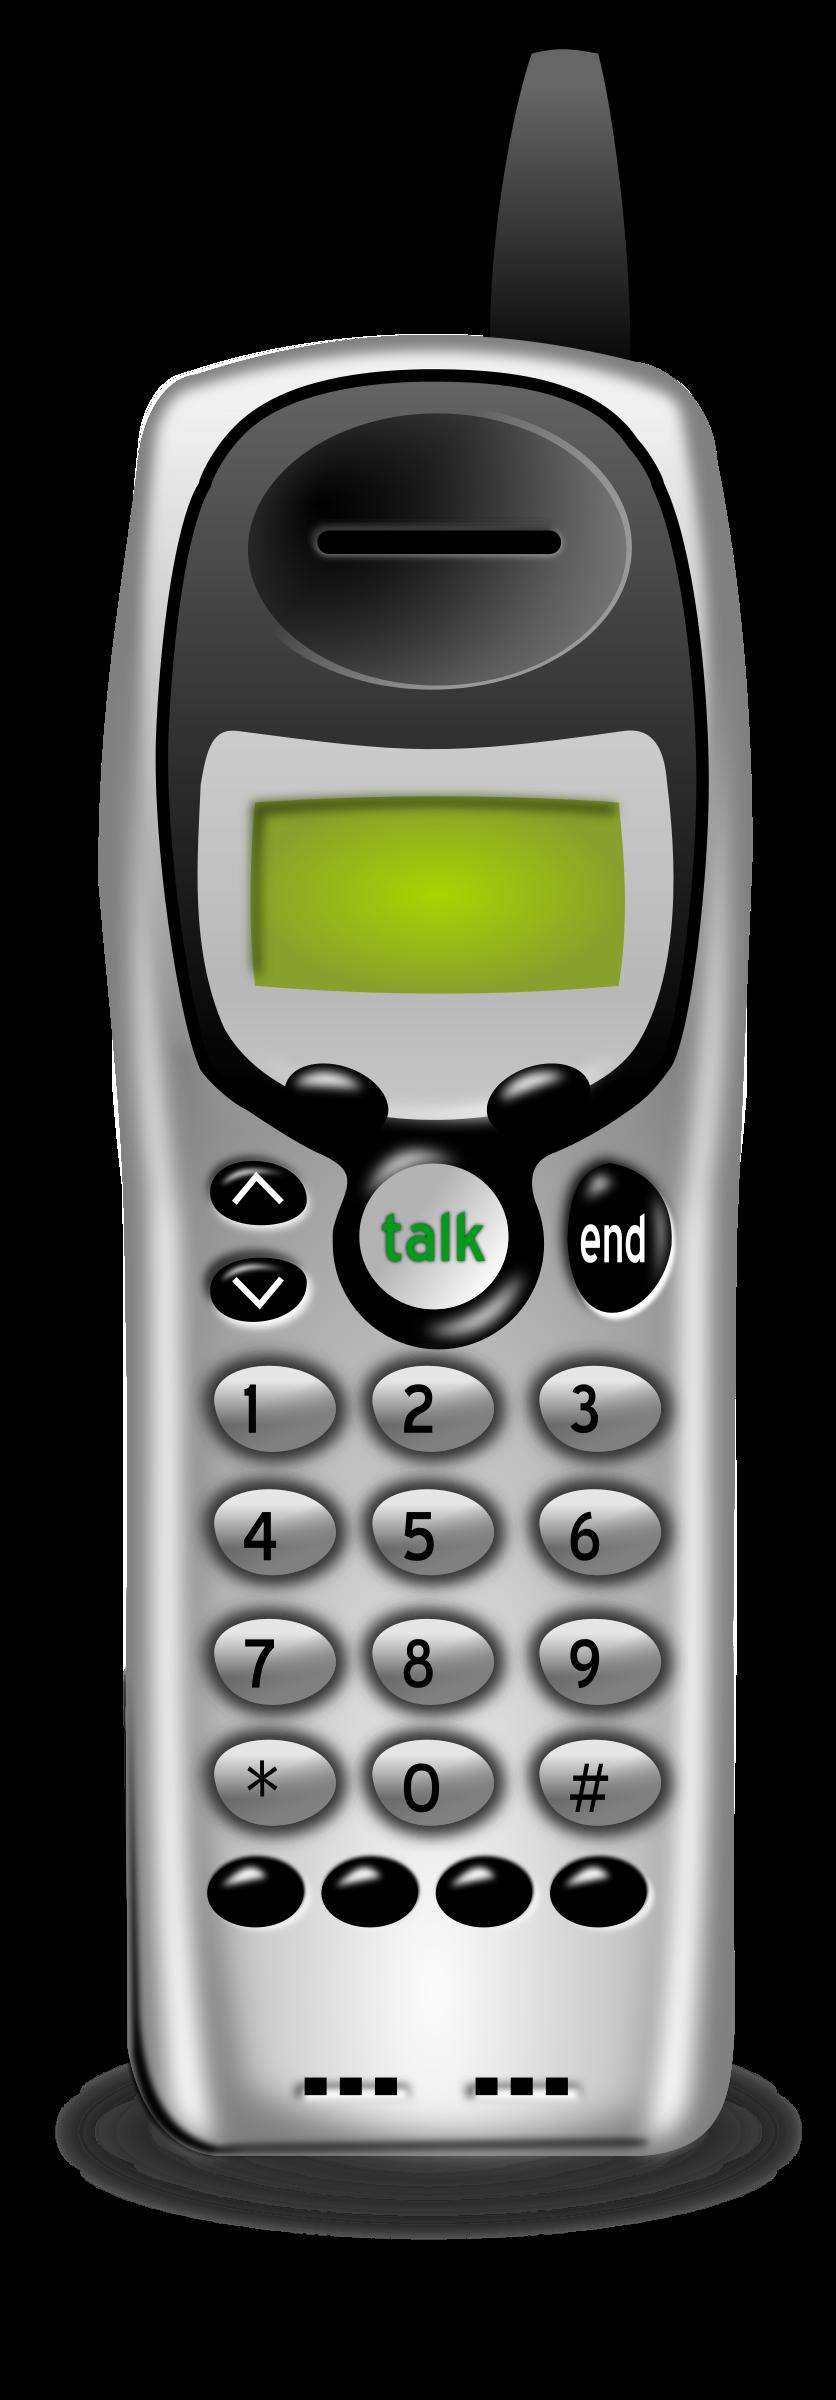 No basestation big image. Clipart phone cordless